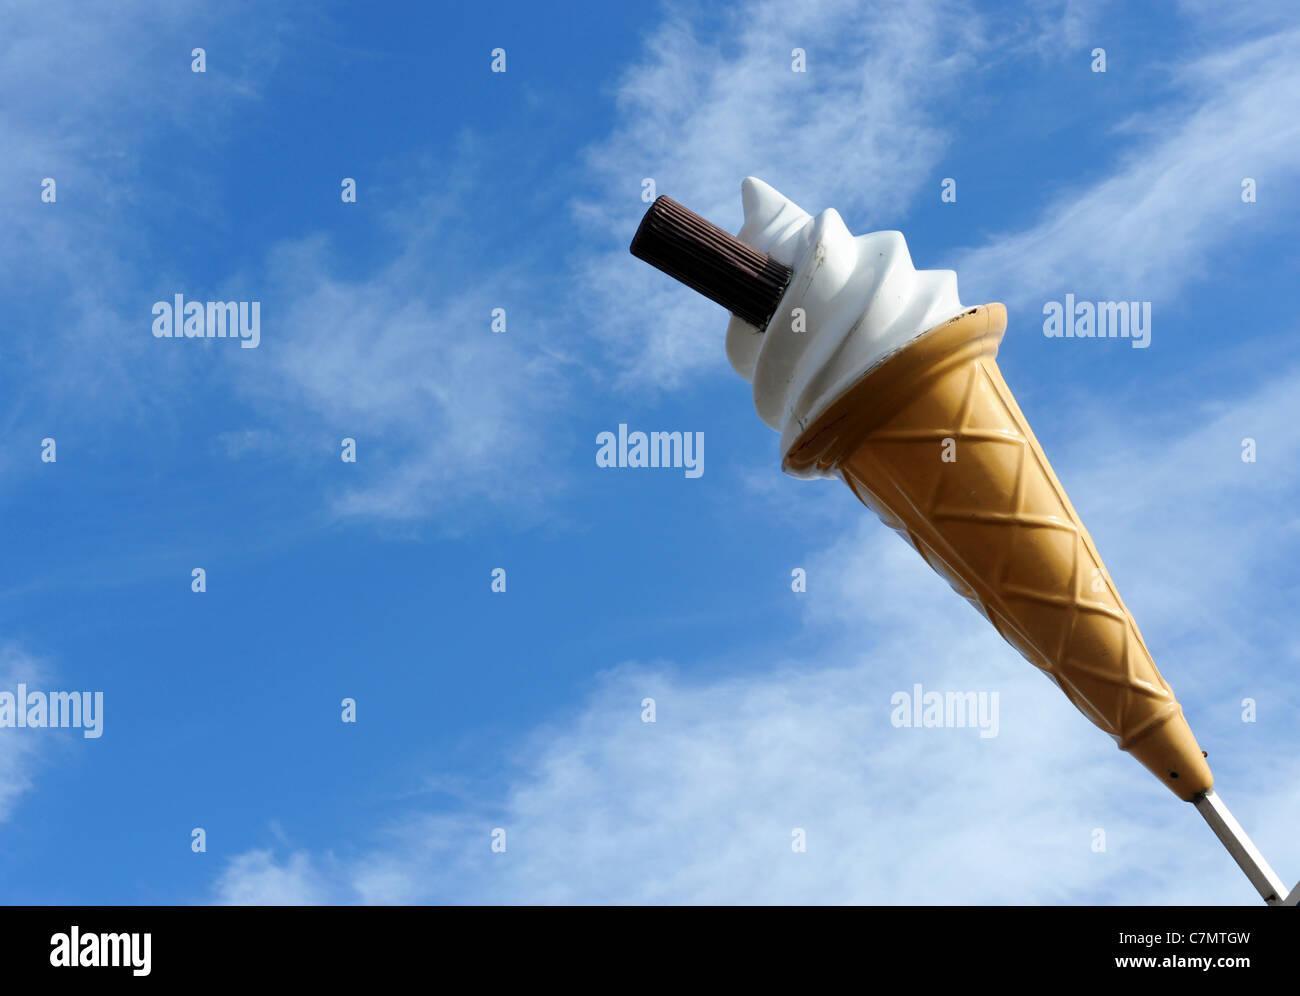 Giant marketing Ice Cream against blue sky Uk - Stock Image